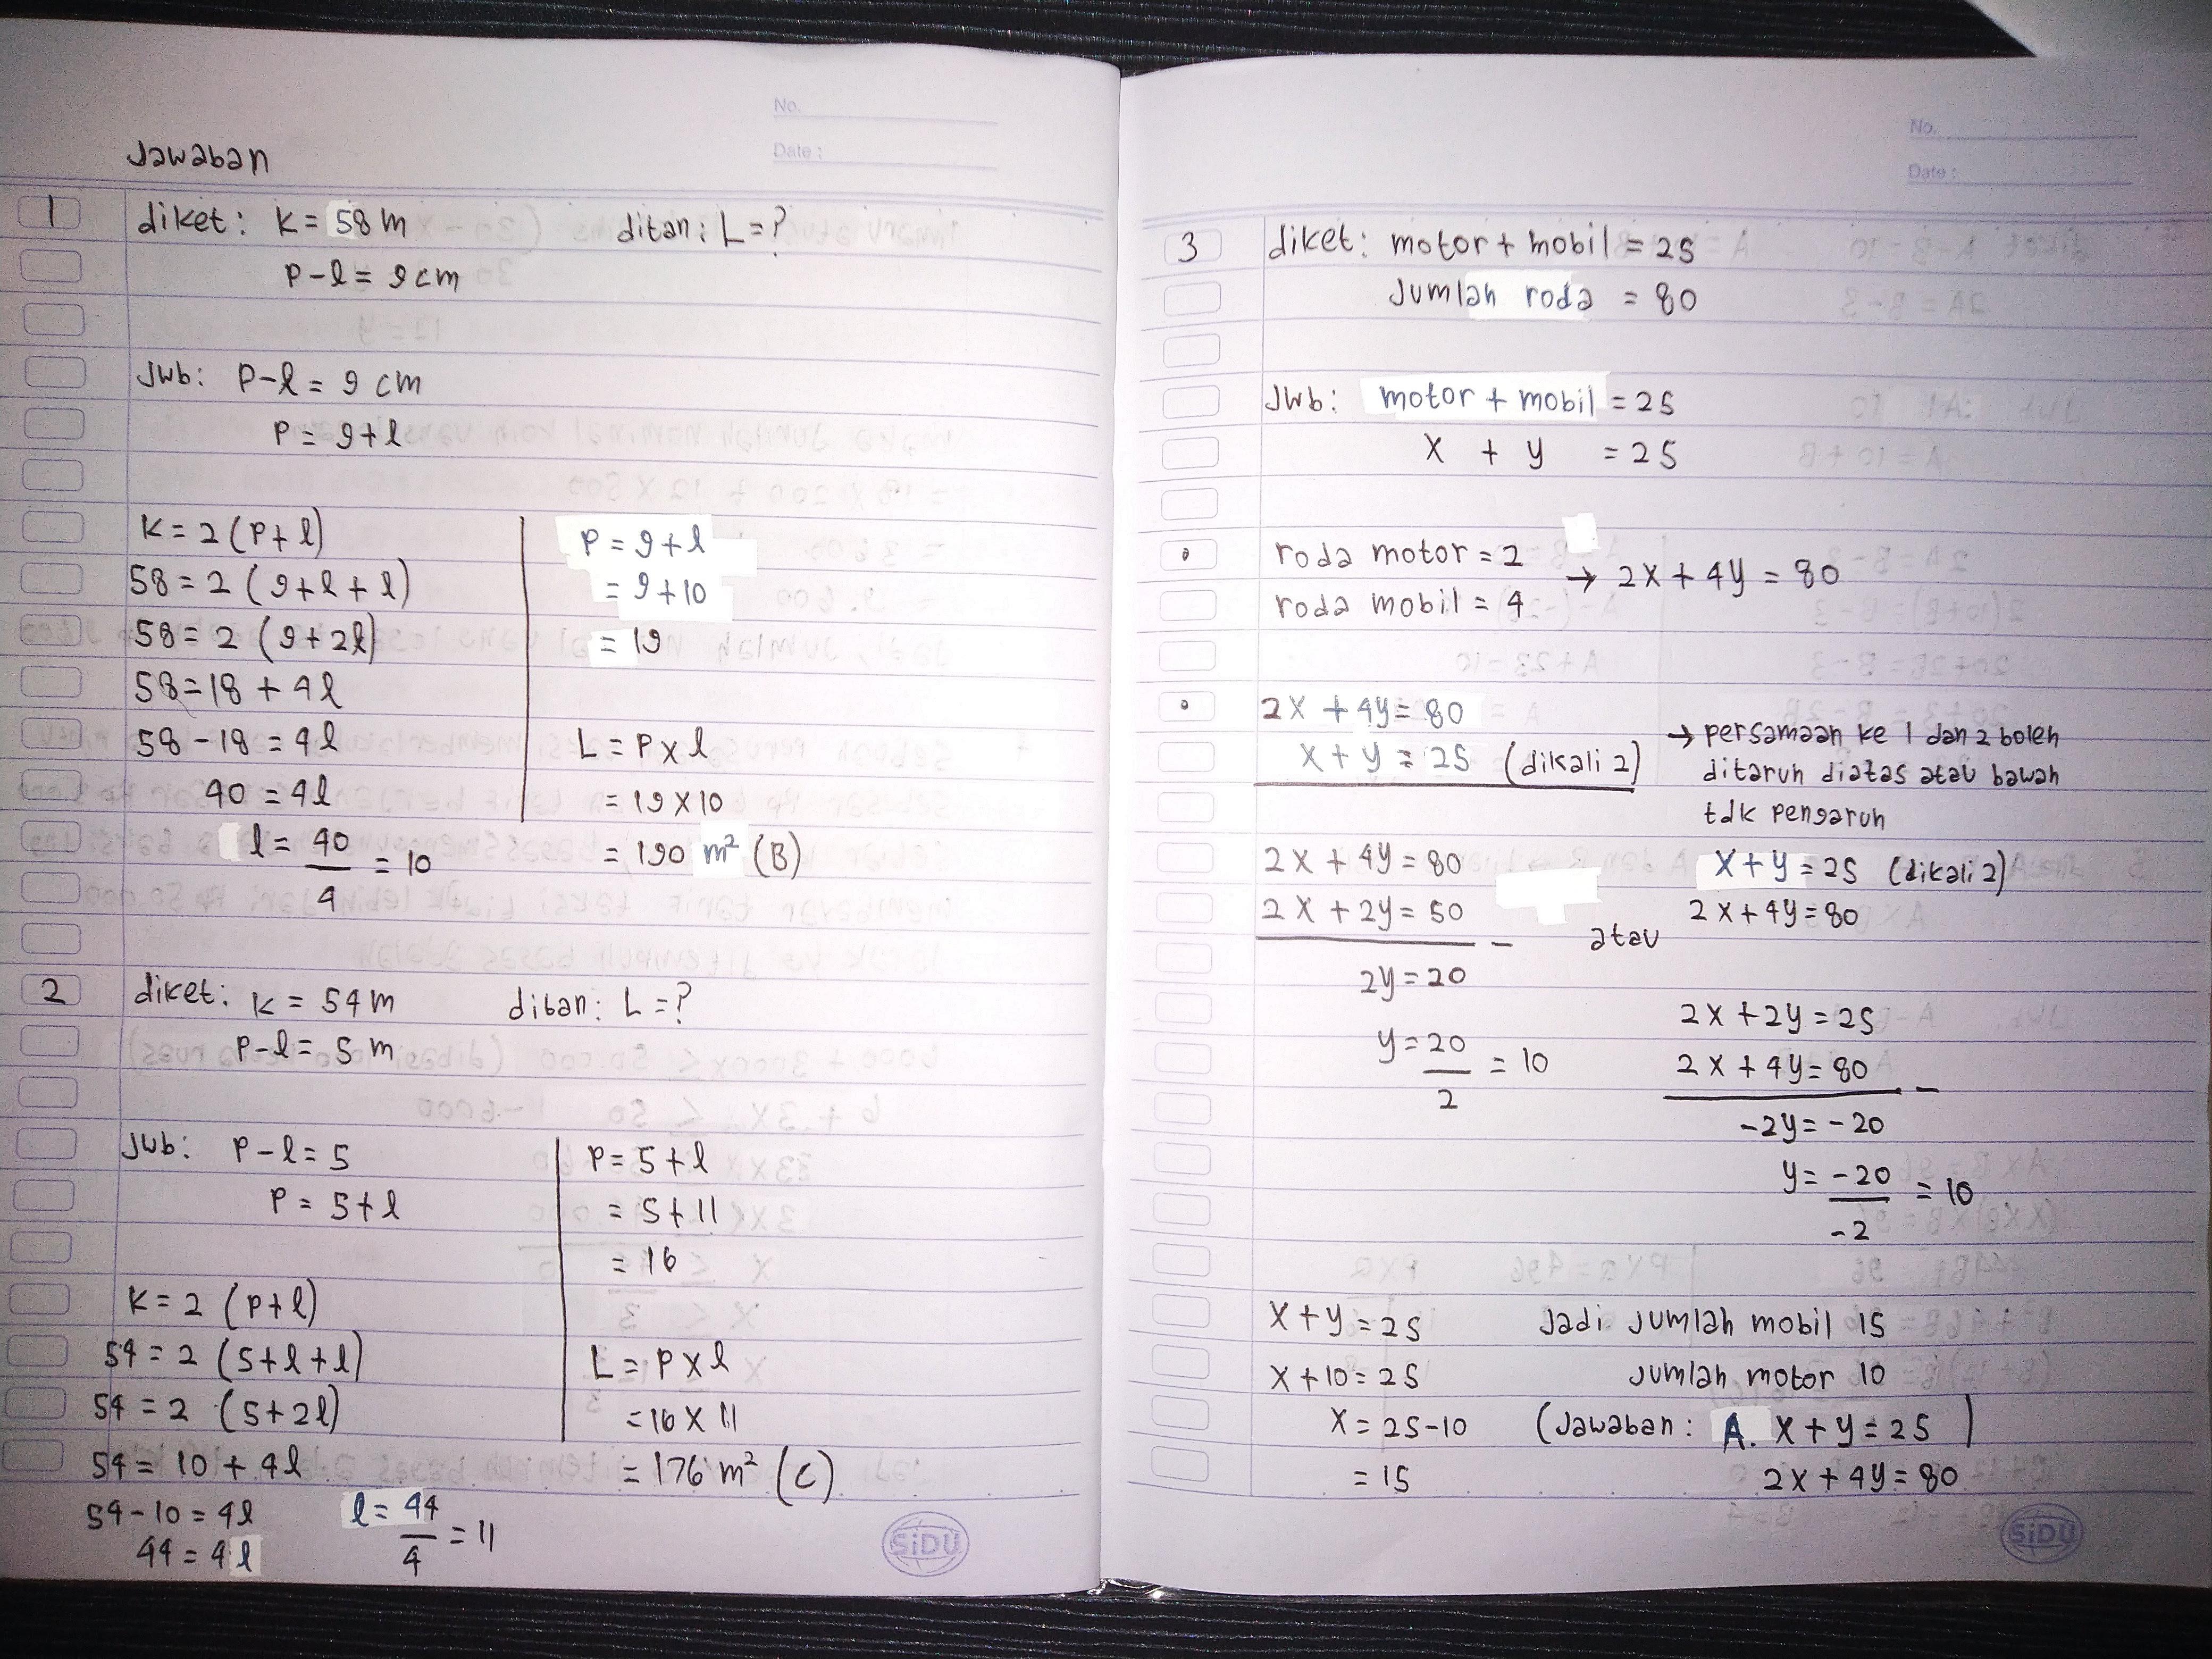 Soal latihan matematika kelas 9 bab persamaan